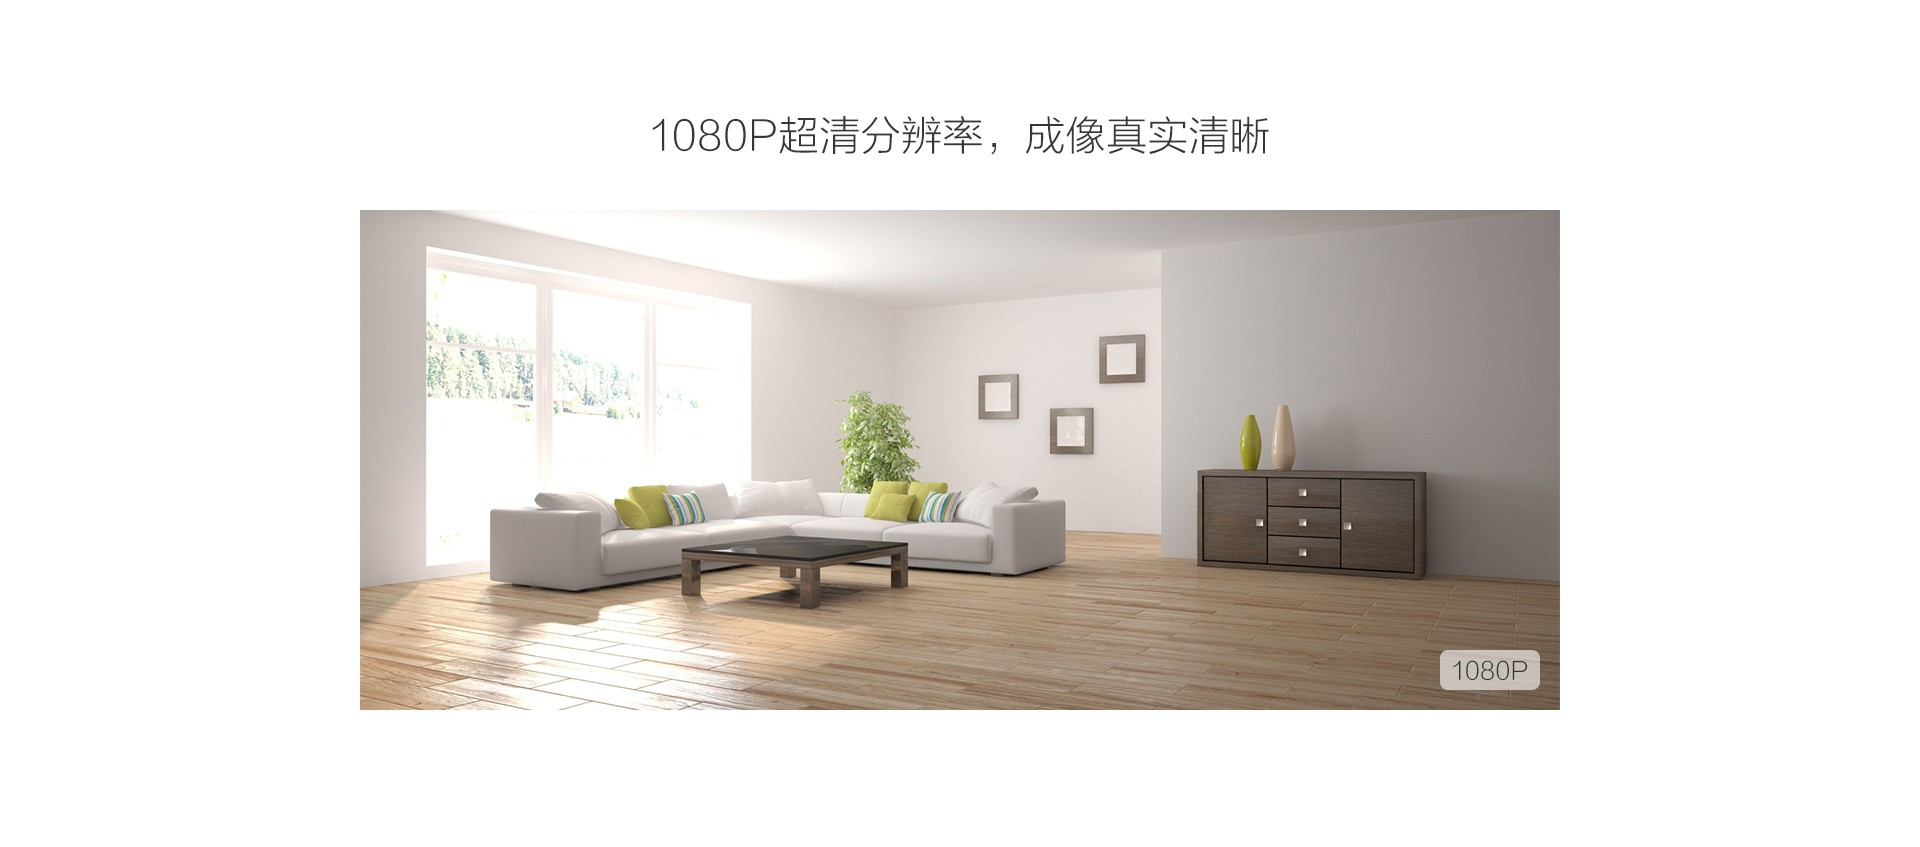 C1C-web_04.jpg